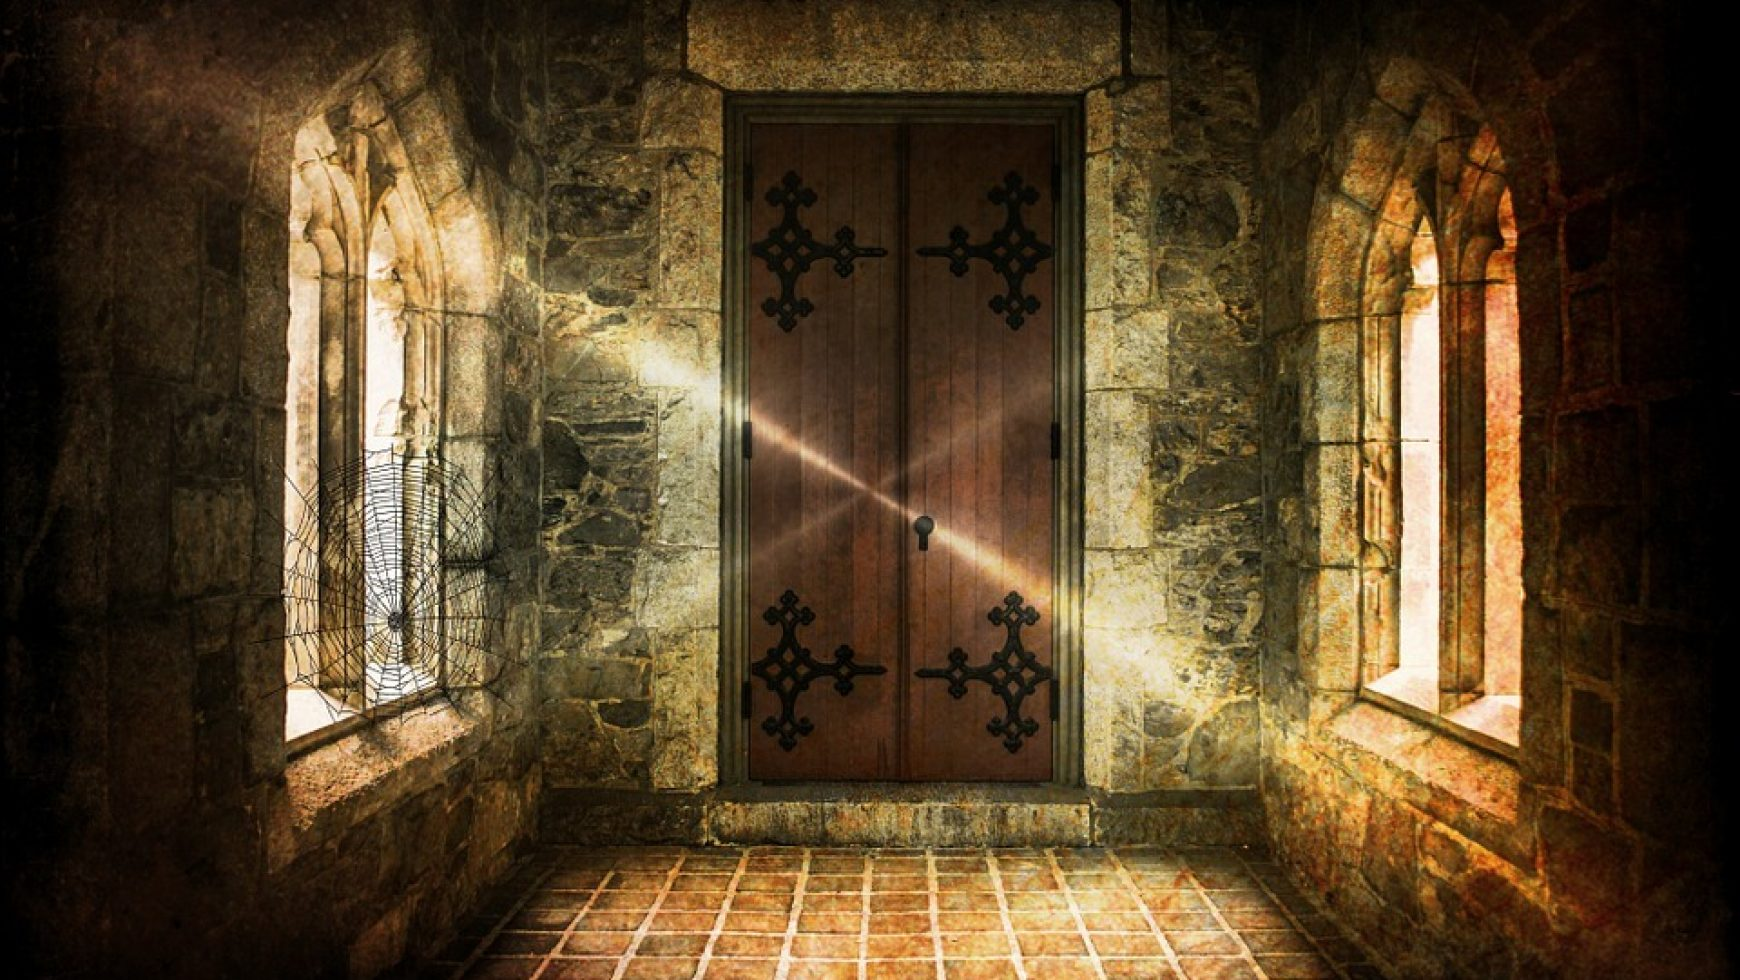 De deur is dicht